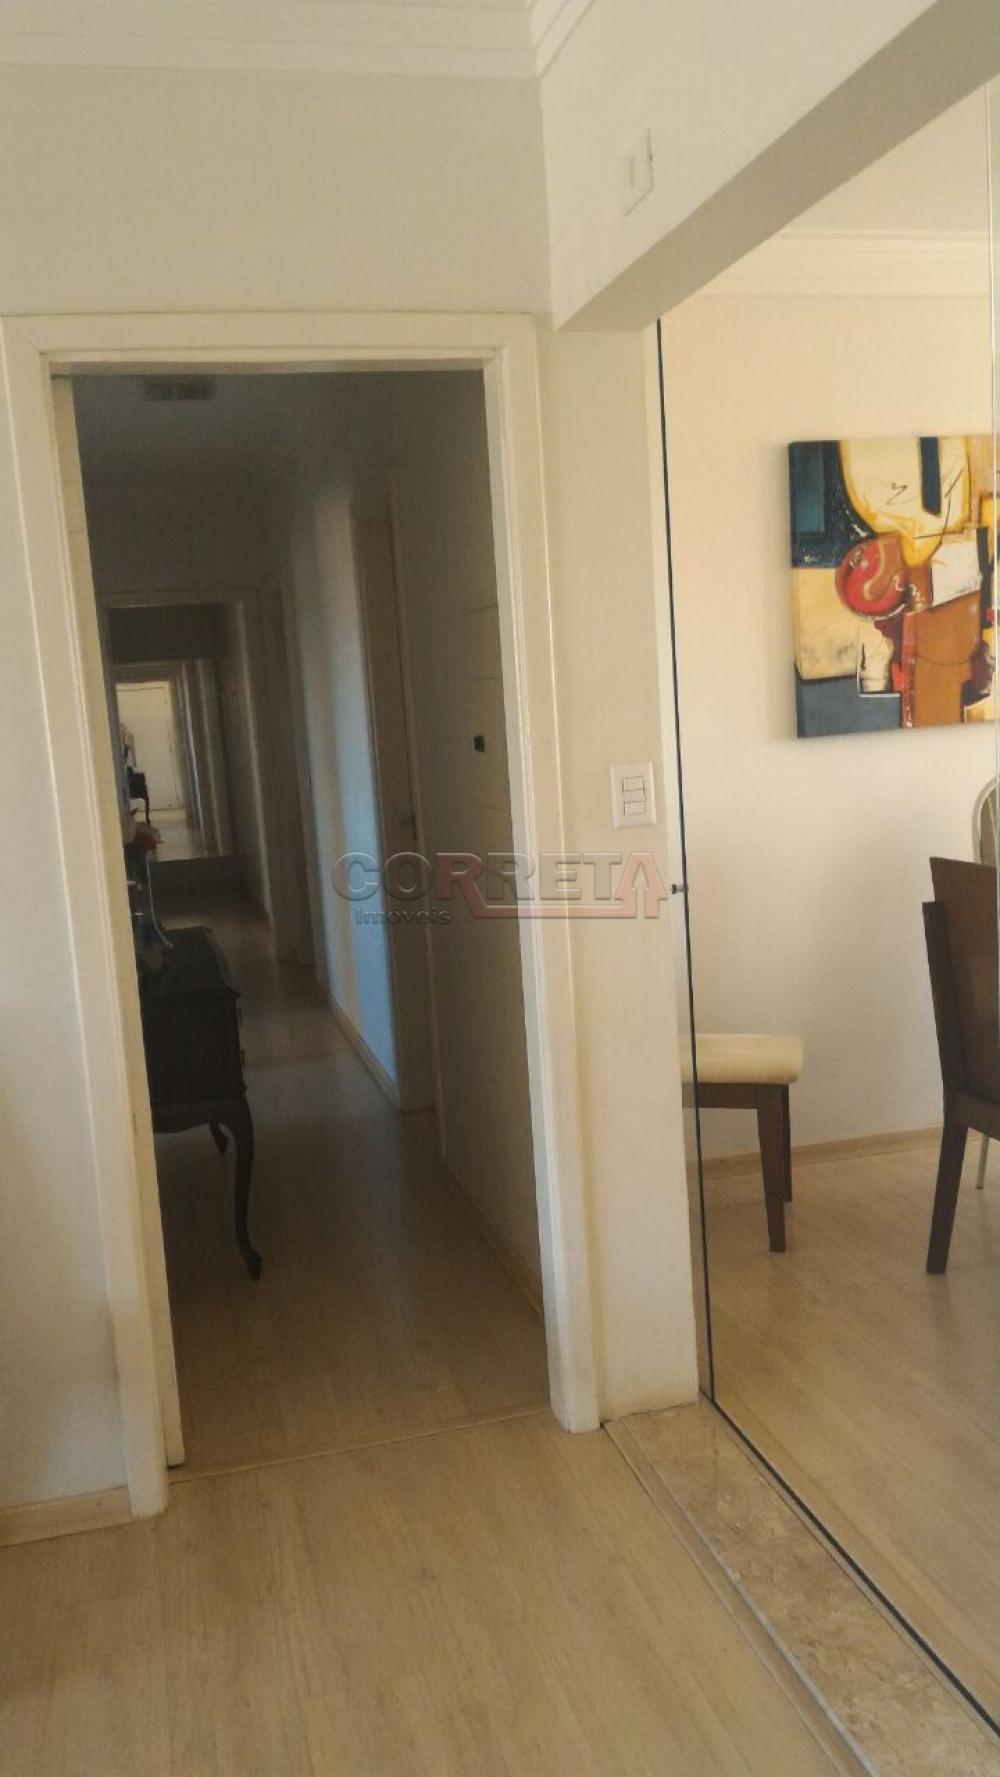 Comprar Apartamento / Padrão em Araçatuba apenas R$ 480.000,00 - Foto 12